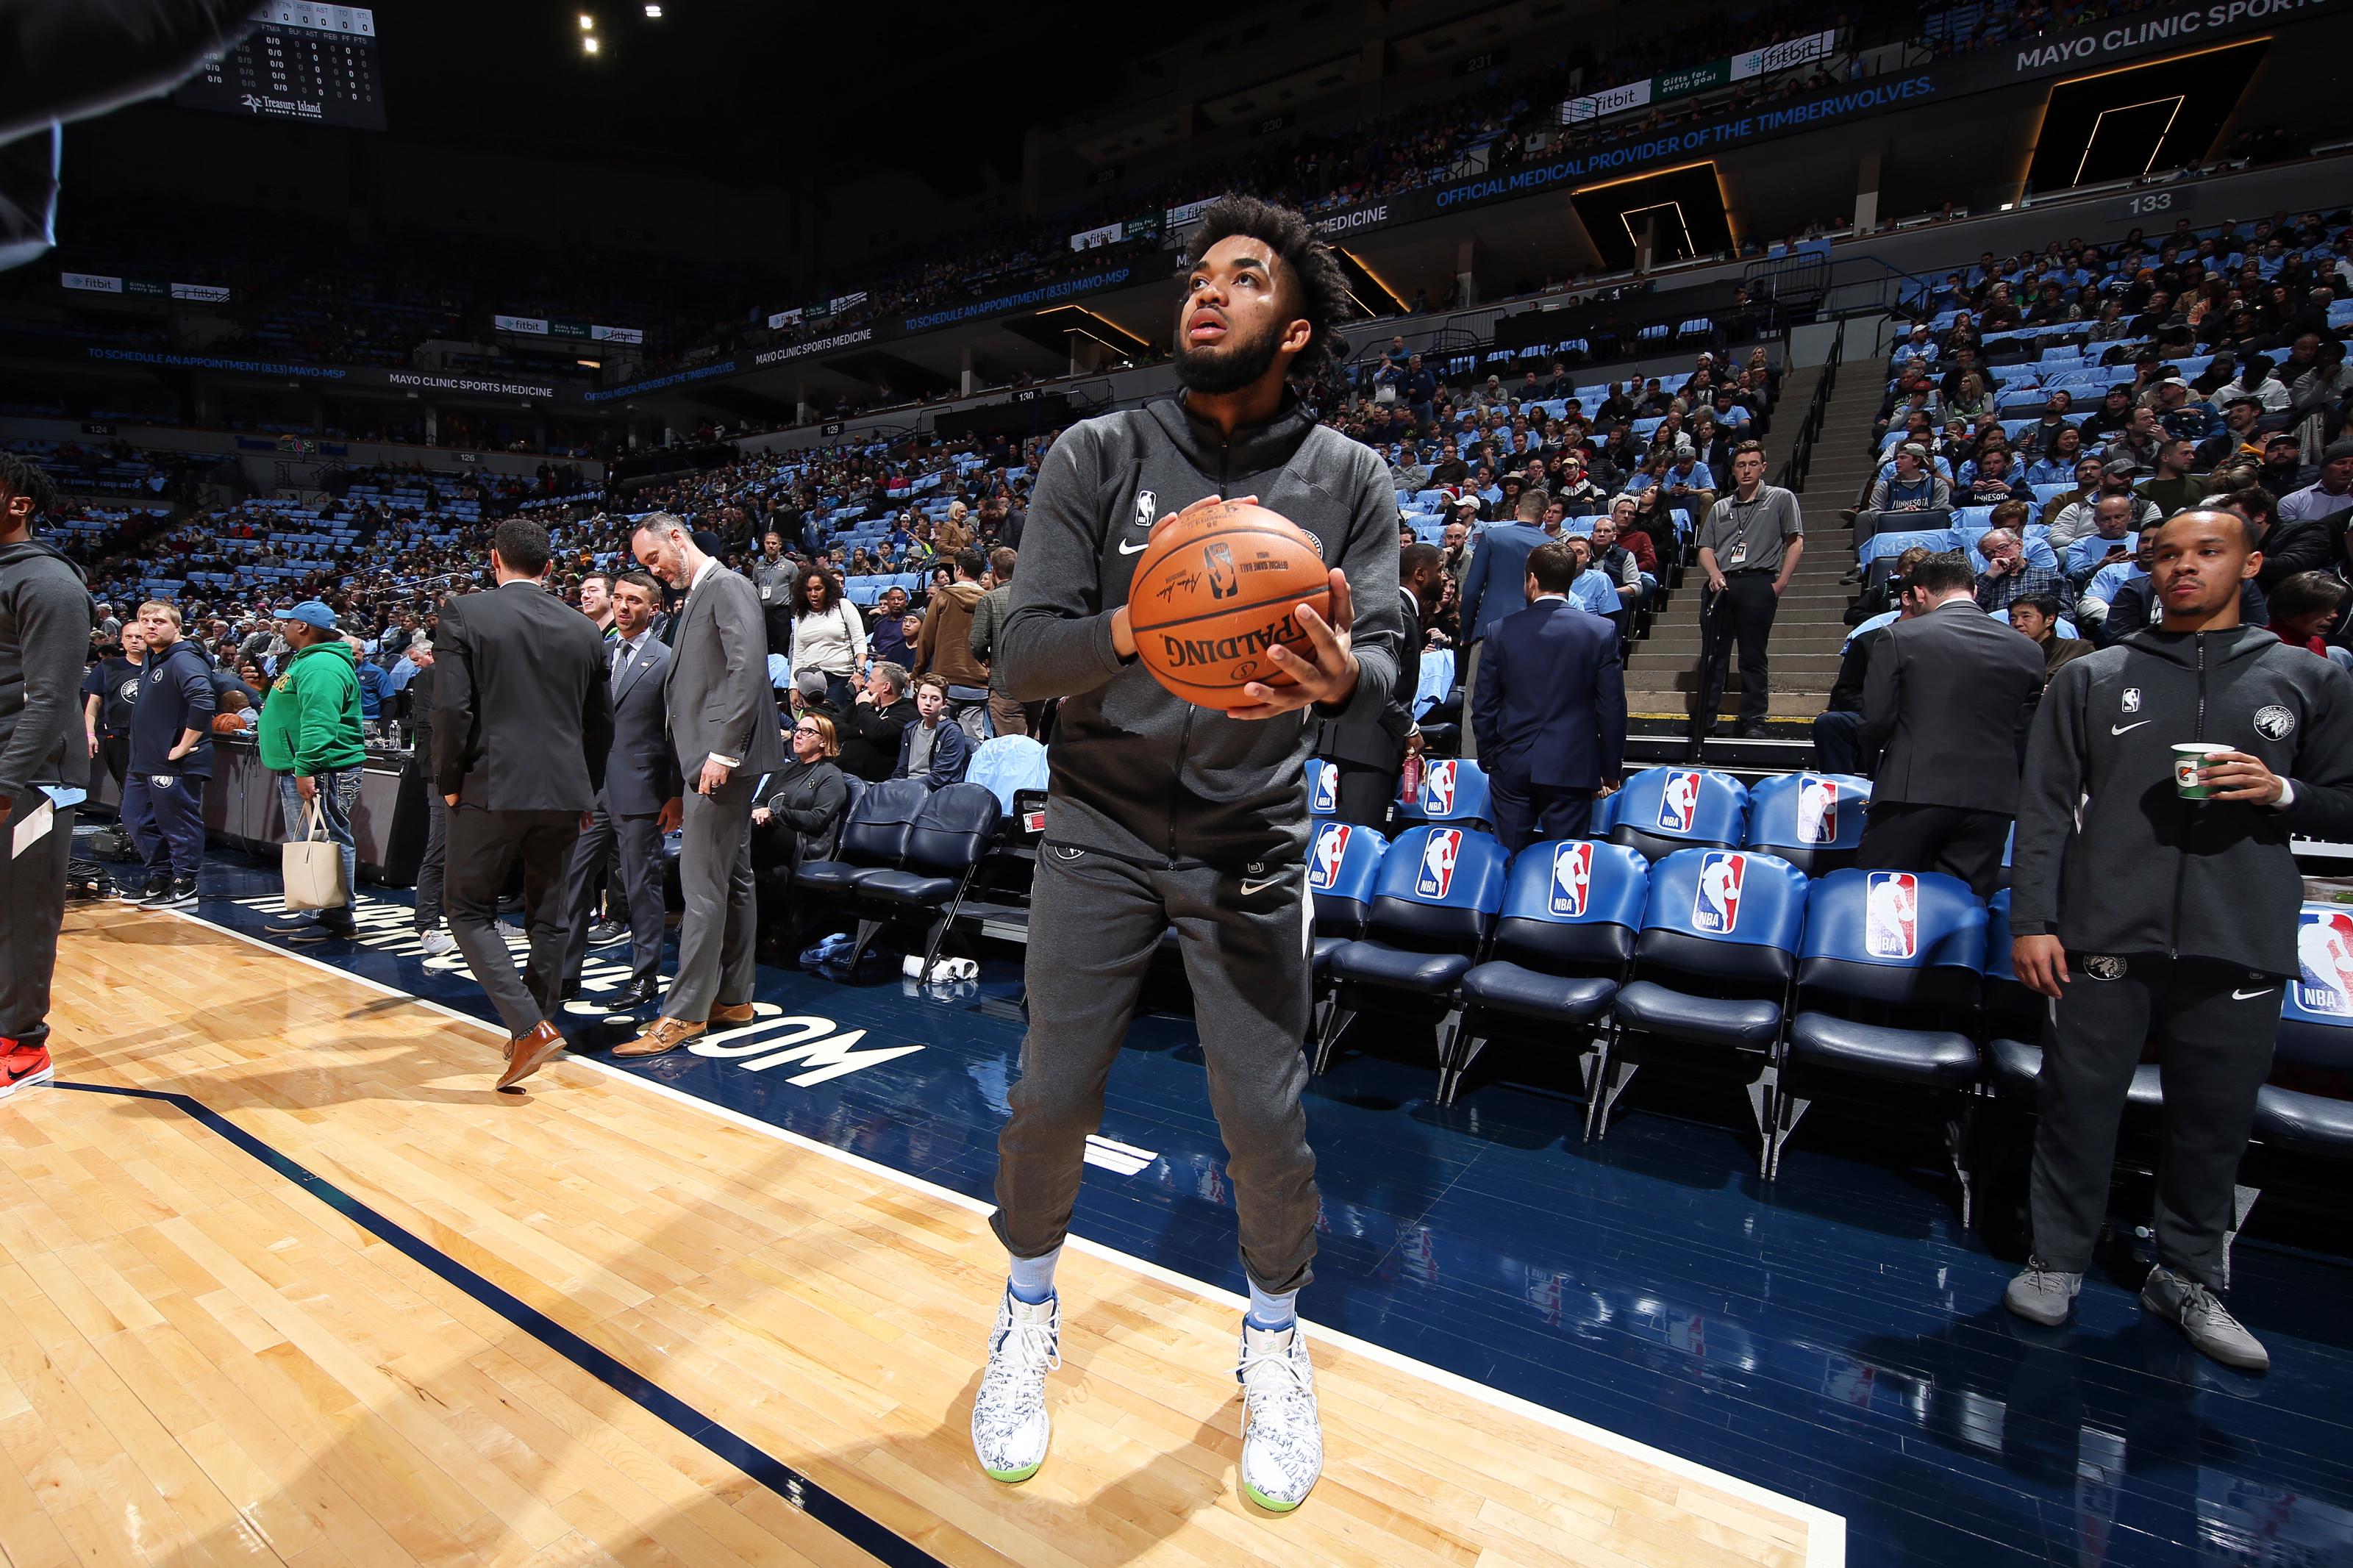 Jugadores de la NBA deberán llegar uniformados a las duelas, la Liga pidió a elementos que se cambien en sus cuartos de hotel